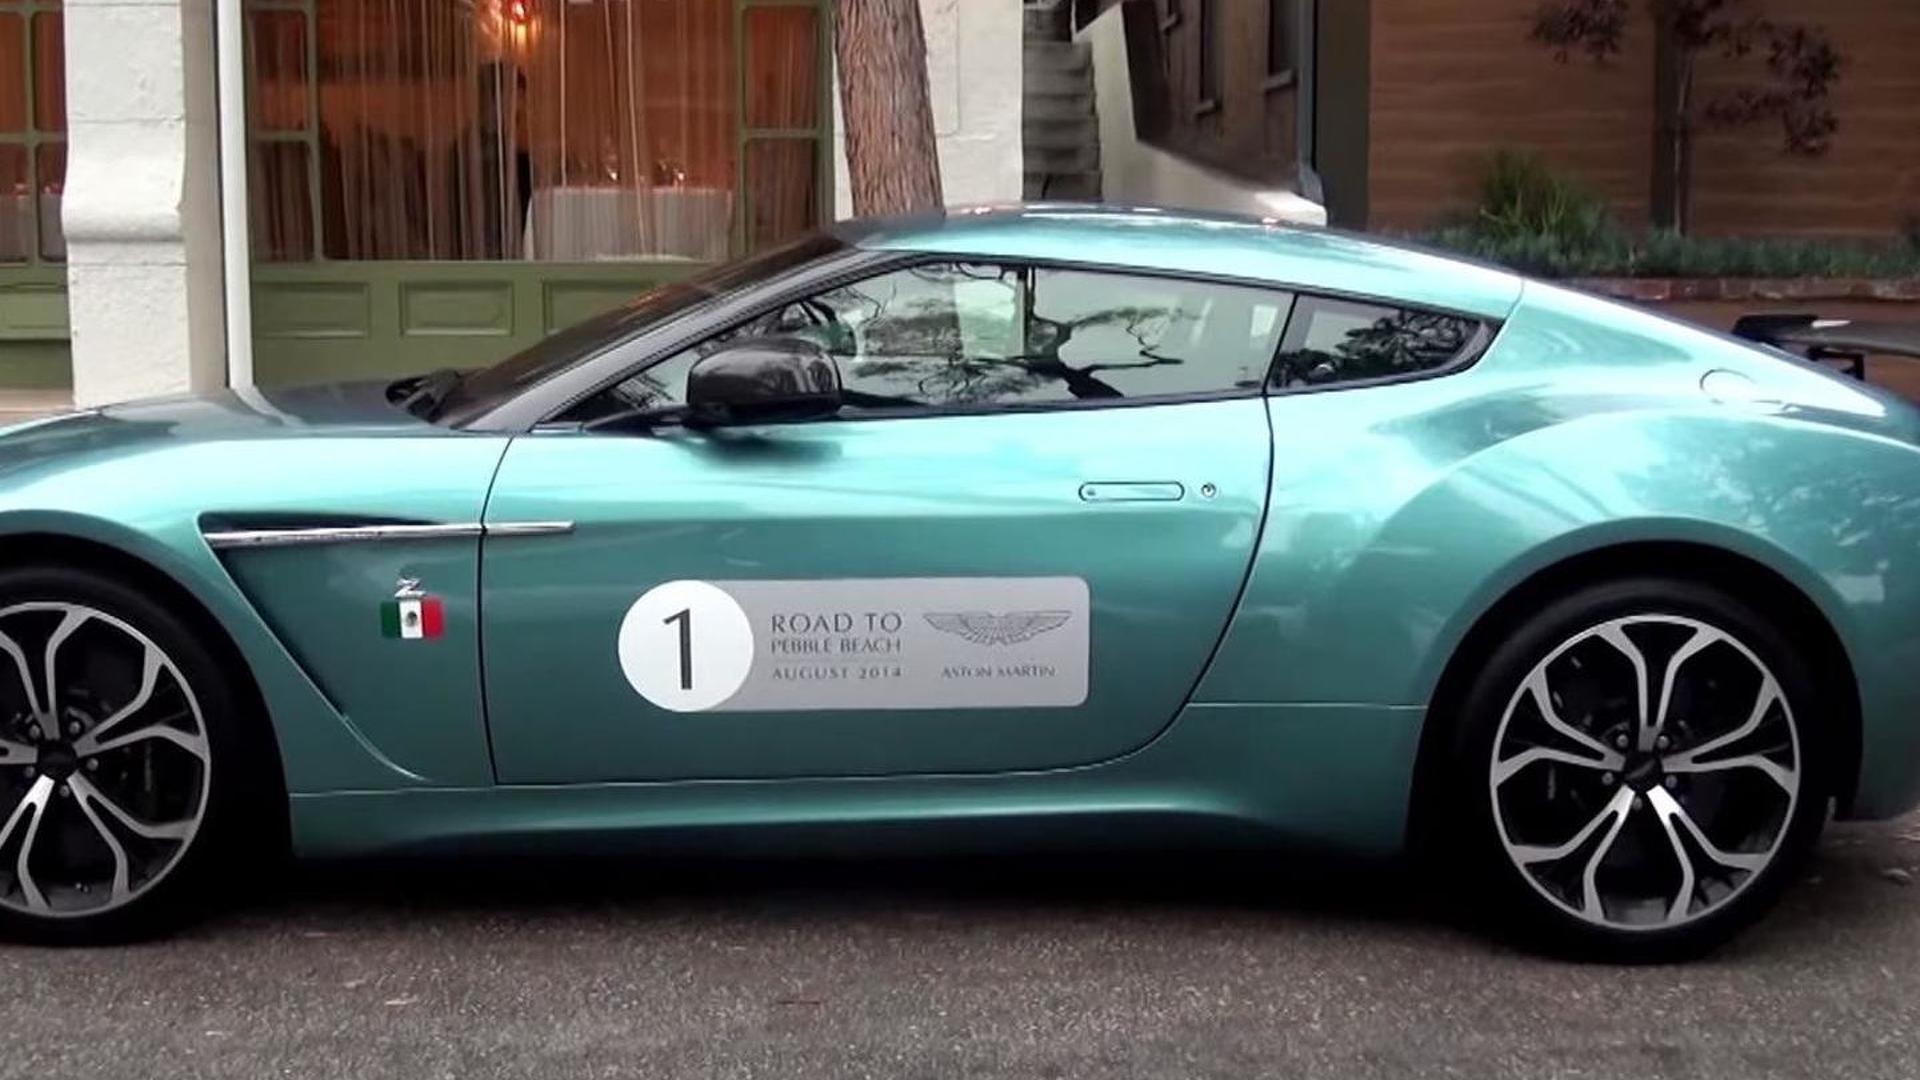 Rare Aston Martin V12 Zagato painted in Alba Blue filmed up close